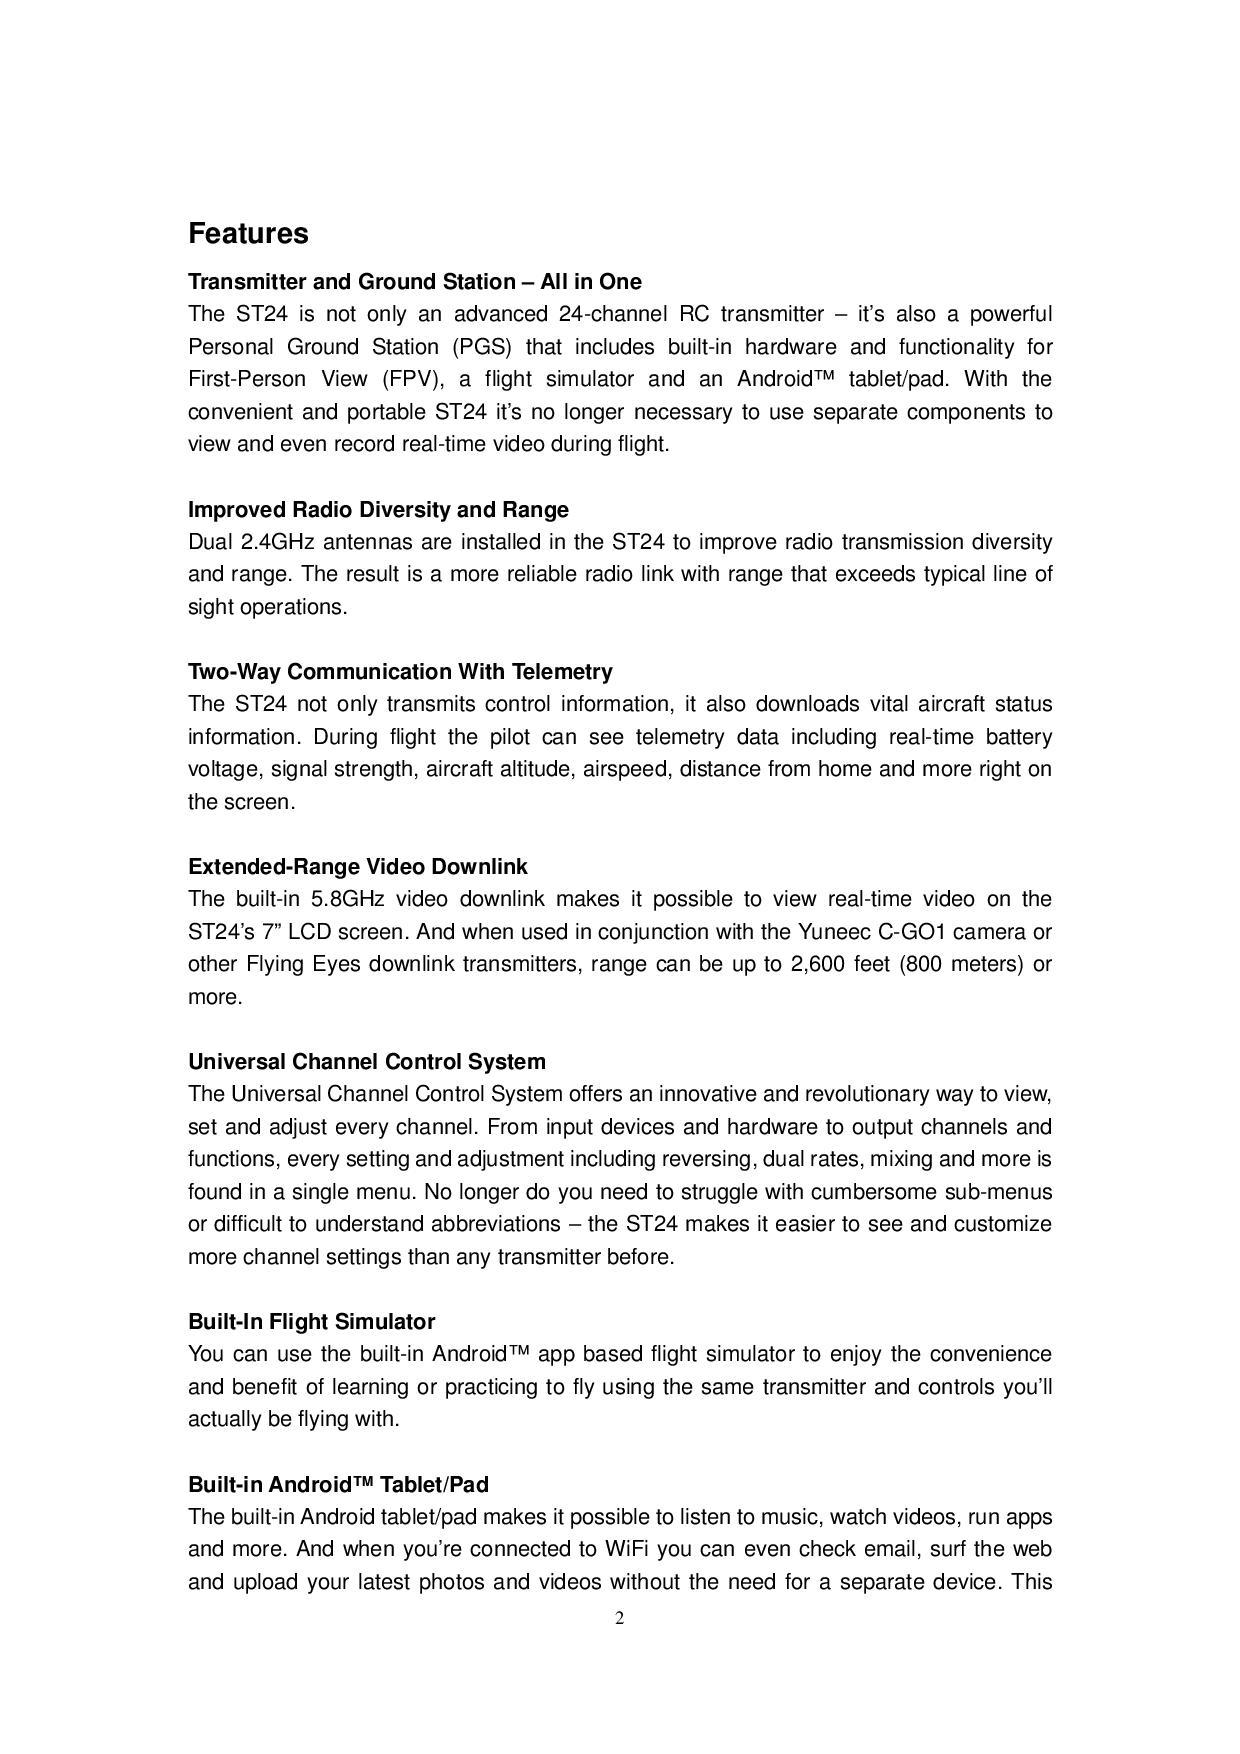 FCCID.NET-2301184-page-002.jpg